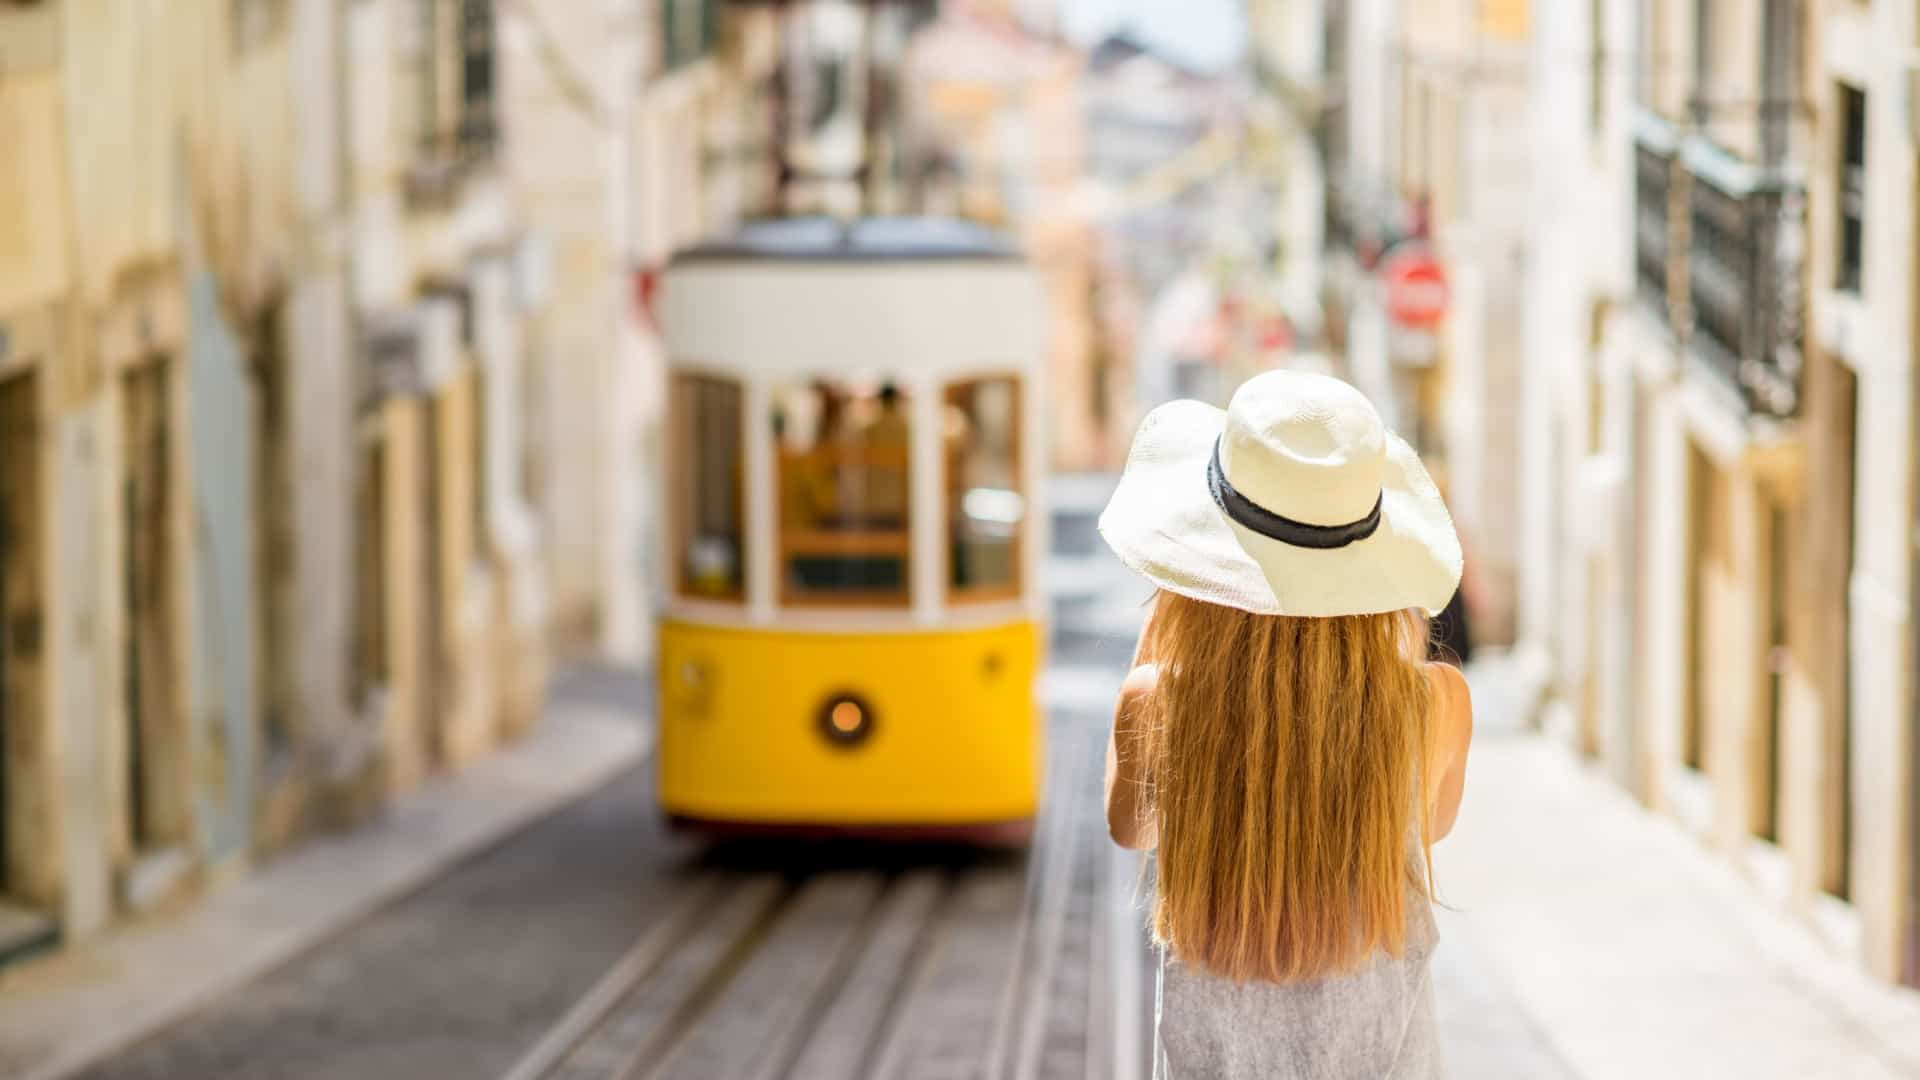 Estes são os essenciais para uma viagem a Lisboa, diz o New York Times